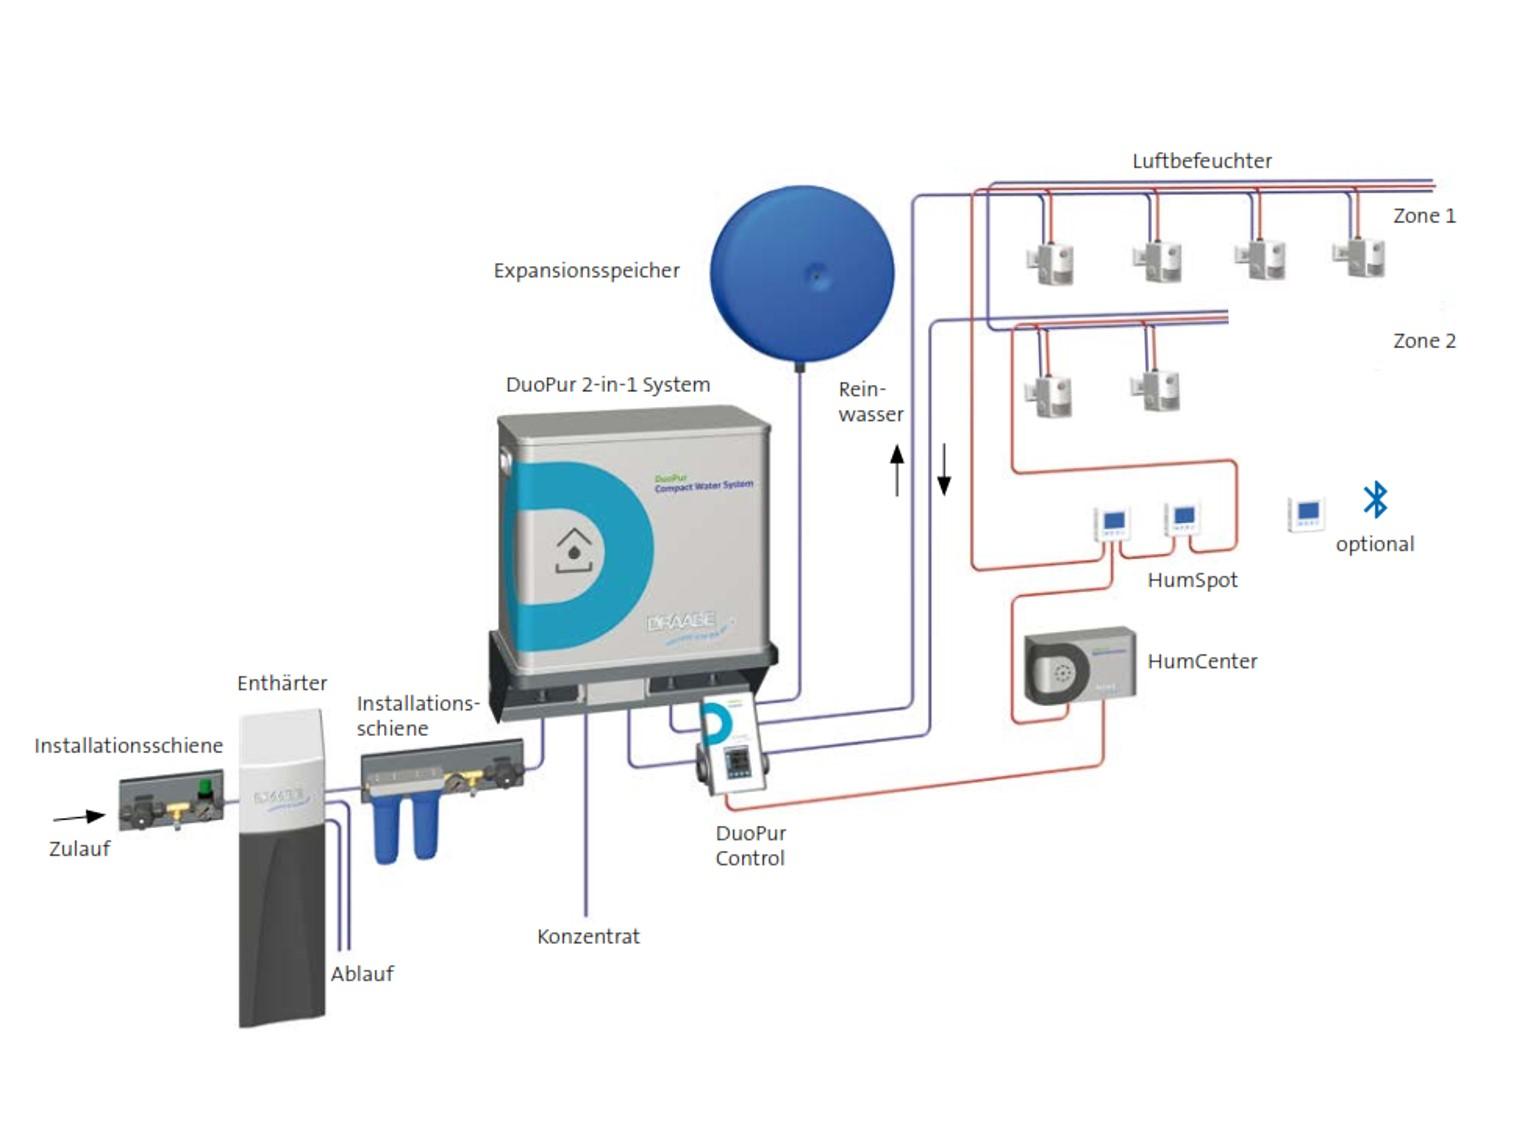 Prinzipschema des 2-in-1 System DuoPur